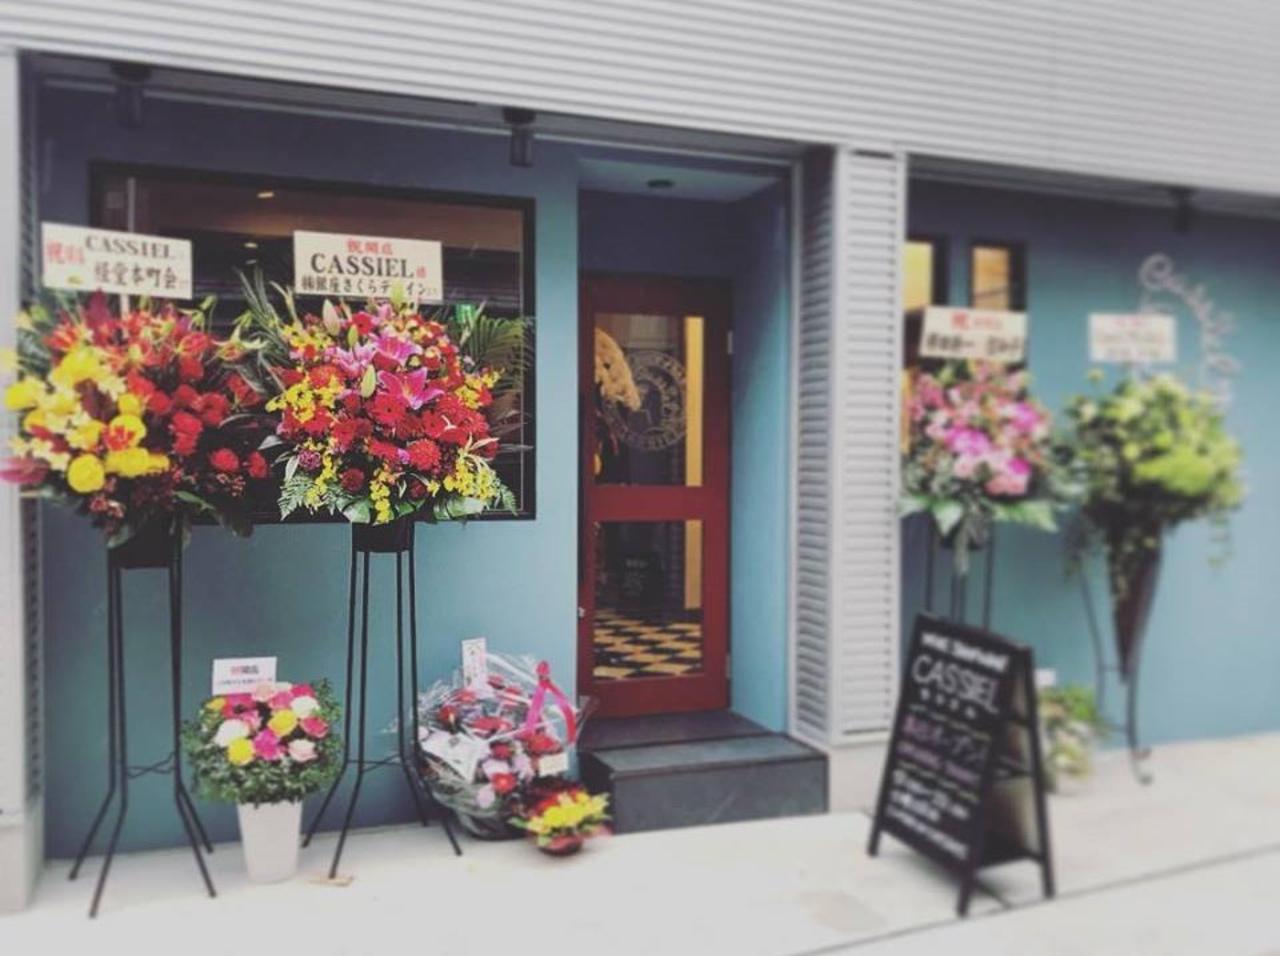 世田谷区経堂1丁目にドイツワイン専門ショップ&バー「カシエル」オープン!